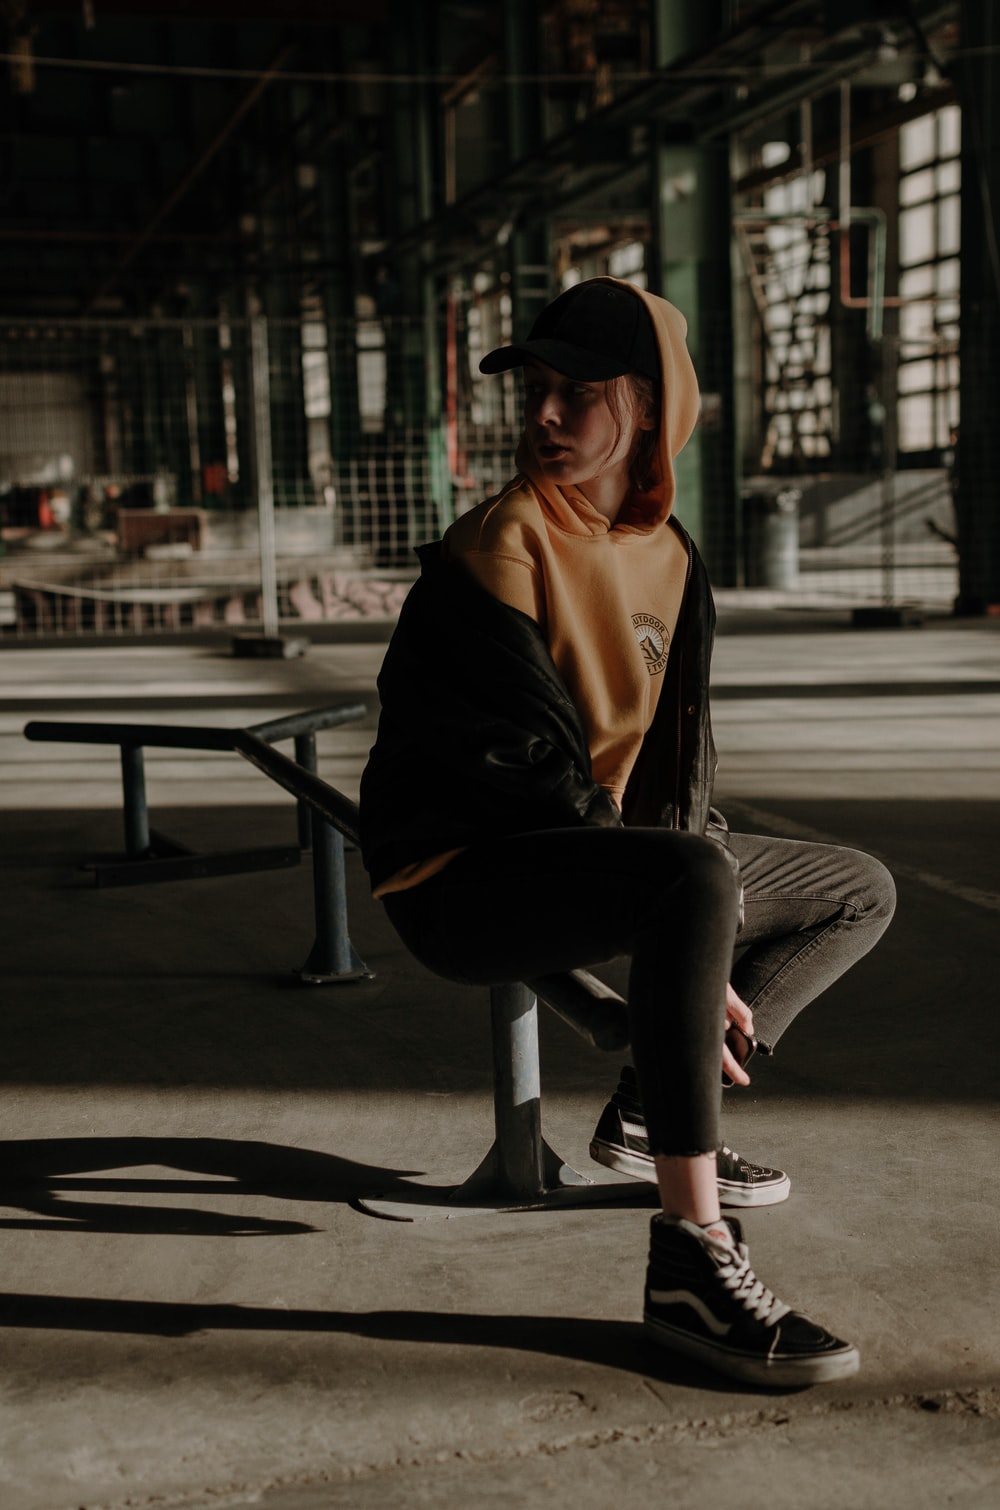 woman sits on skate rail